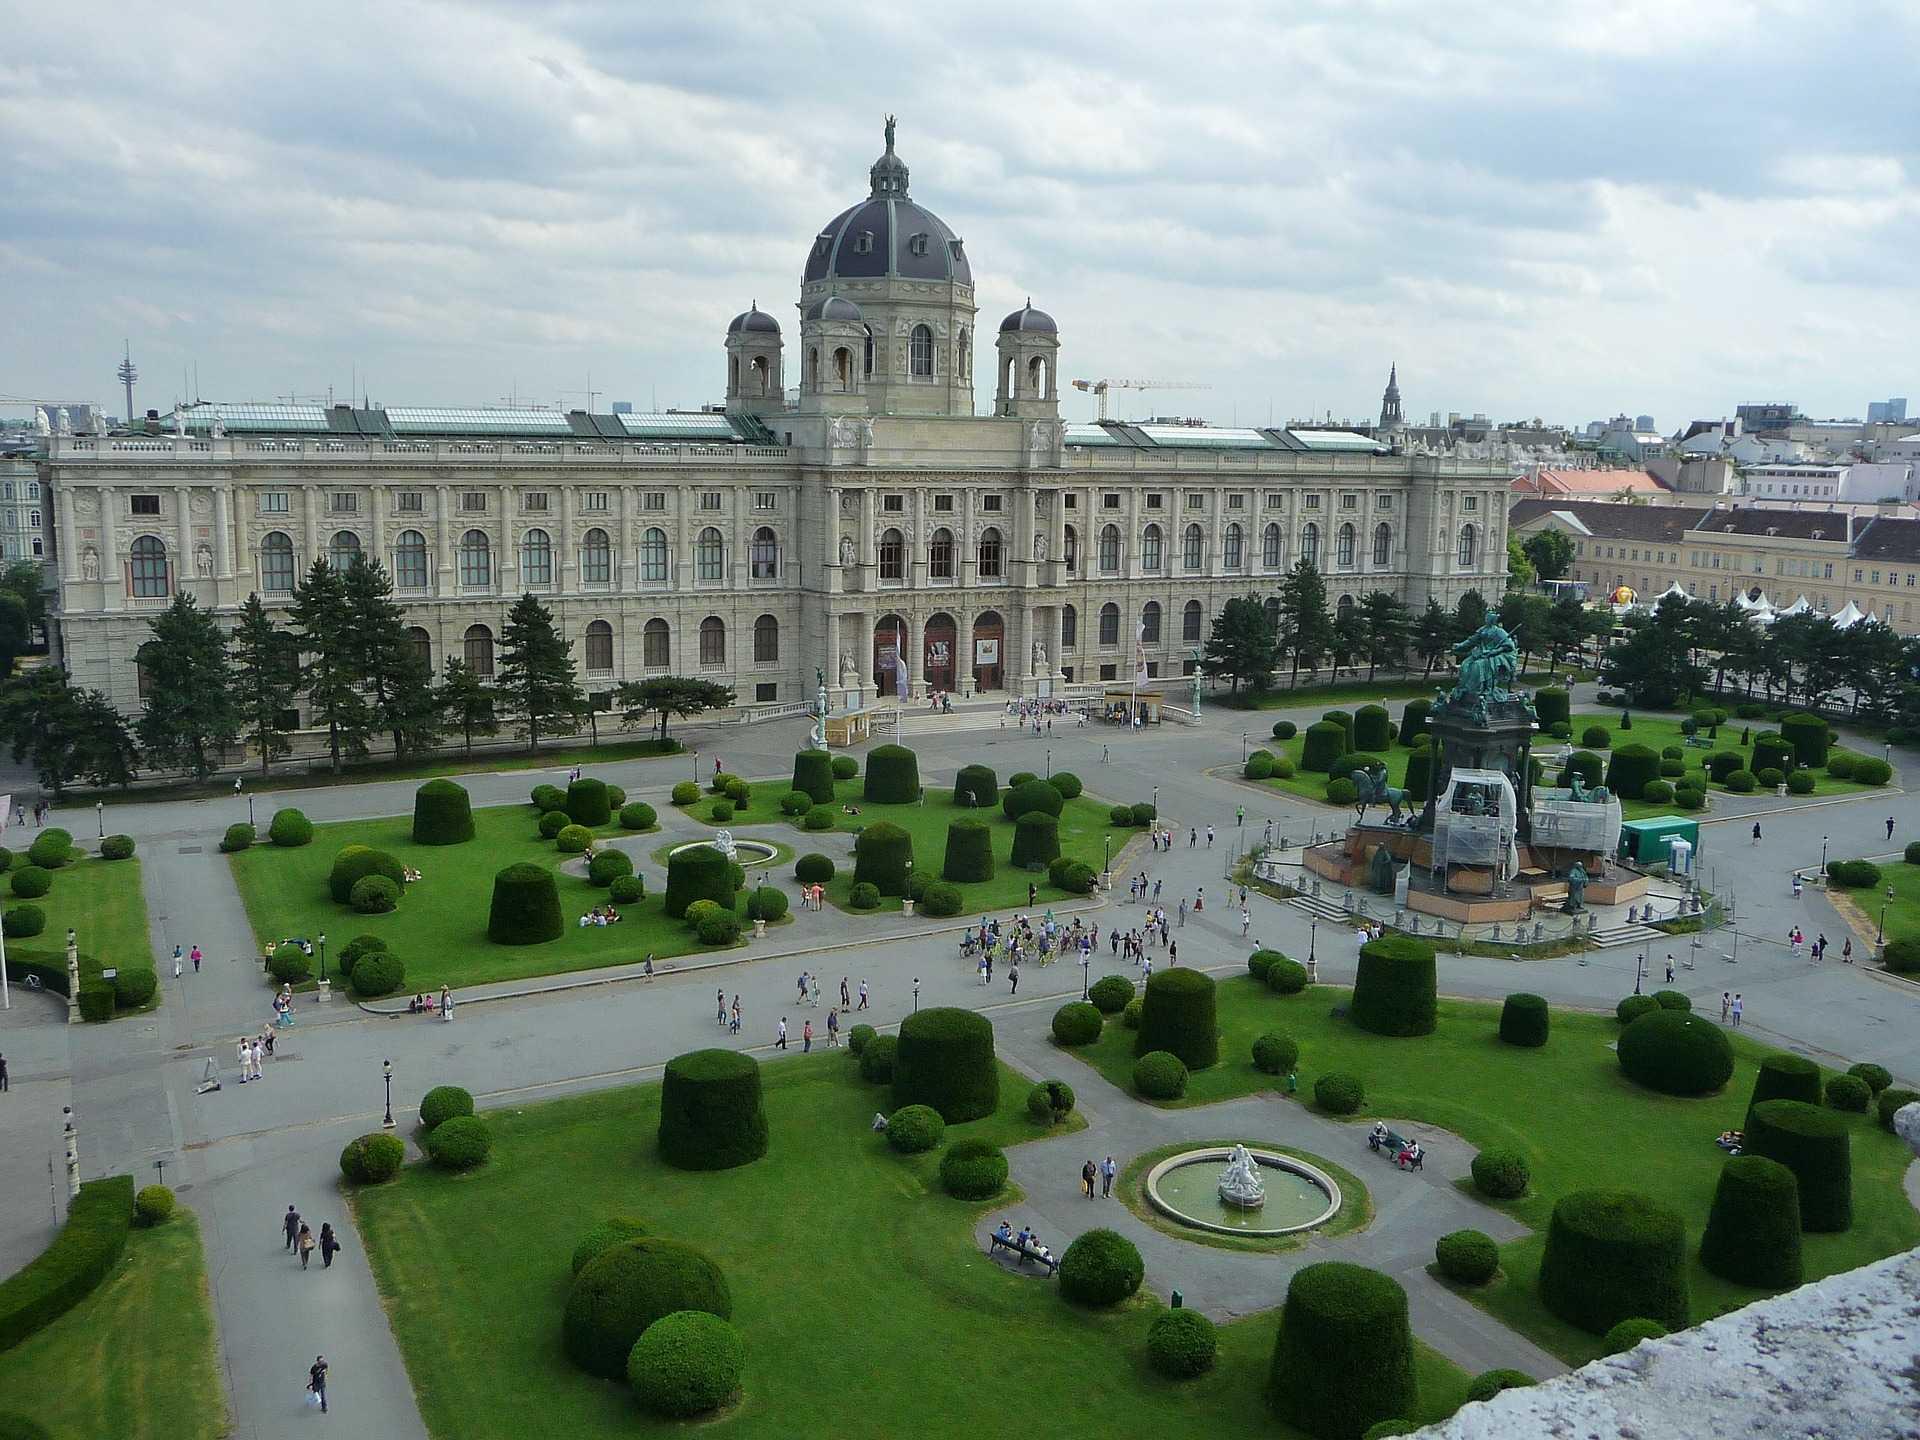 המוזיאון לתולדות האמנות וינה 2021 - המדריך השלם לביקור במוזיאון